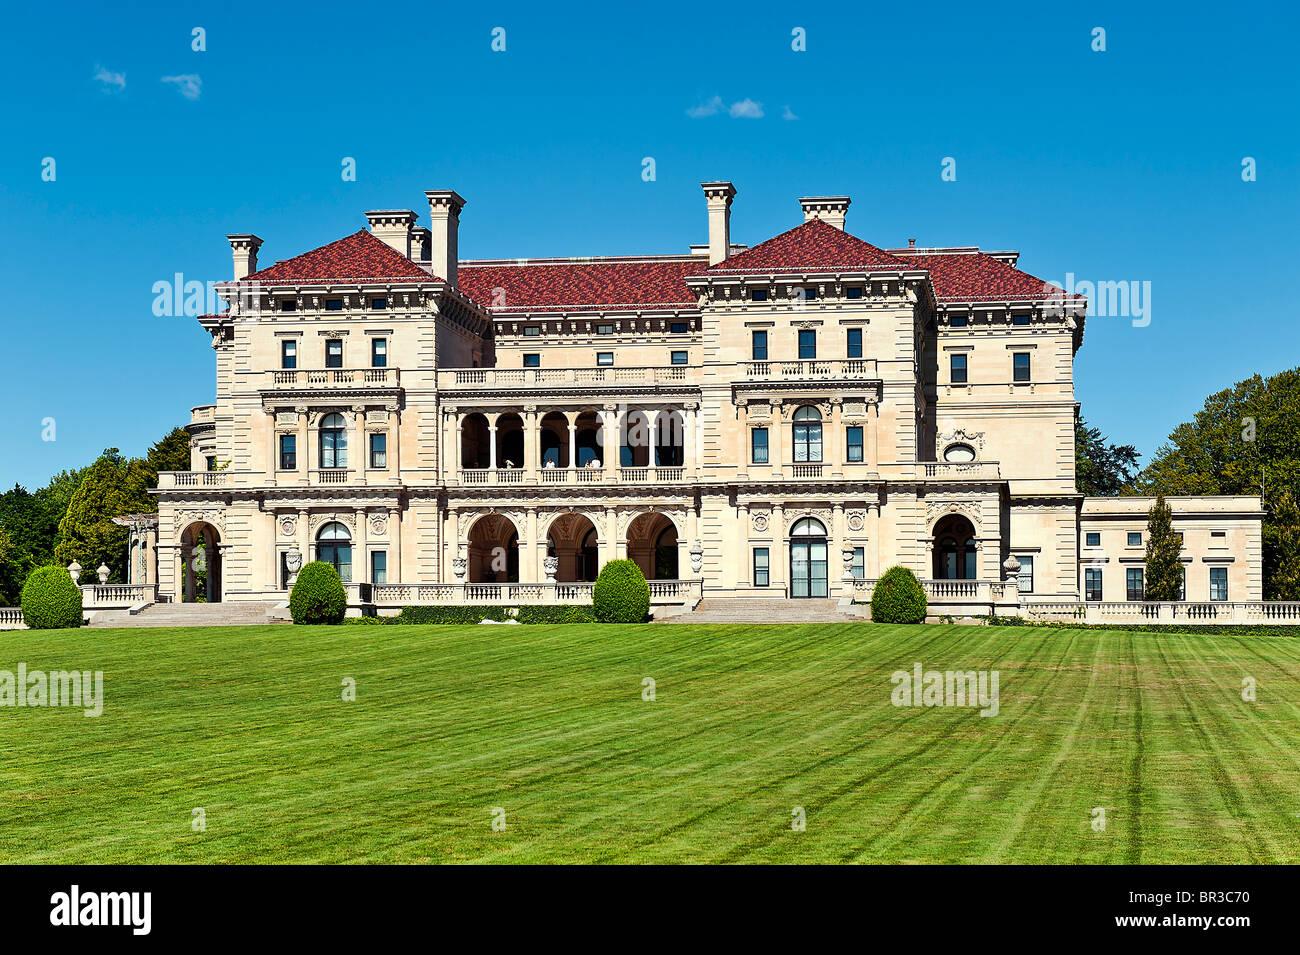 El Breakers mansion, Cliff Walk, en Newport, Rhode Island, EE.UU. Imagen De Stock